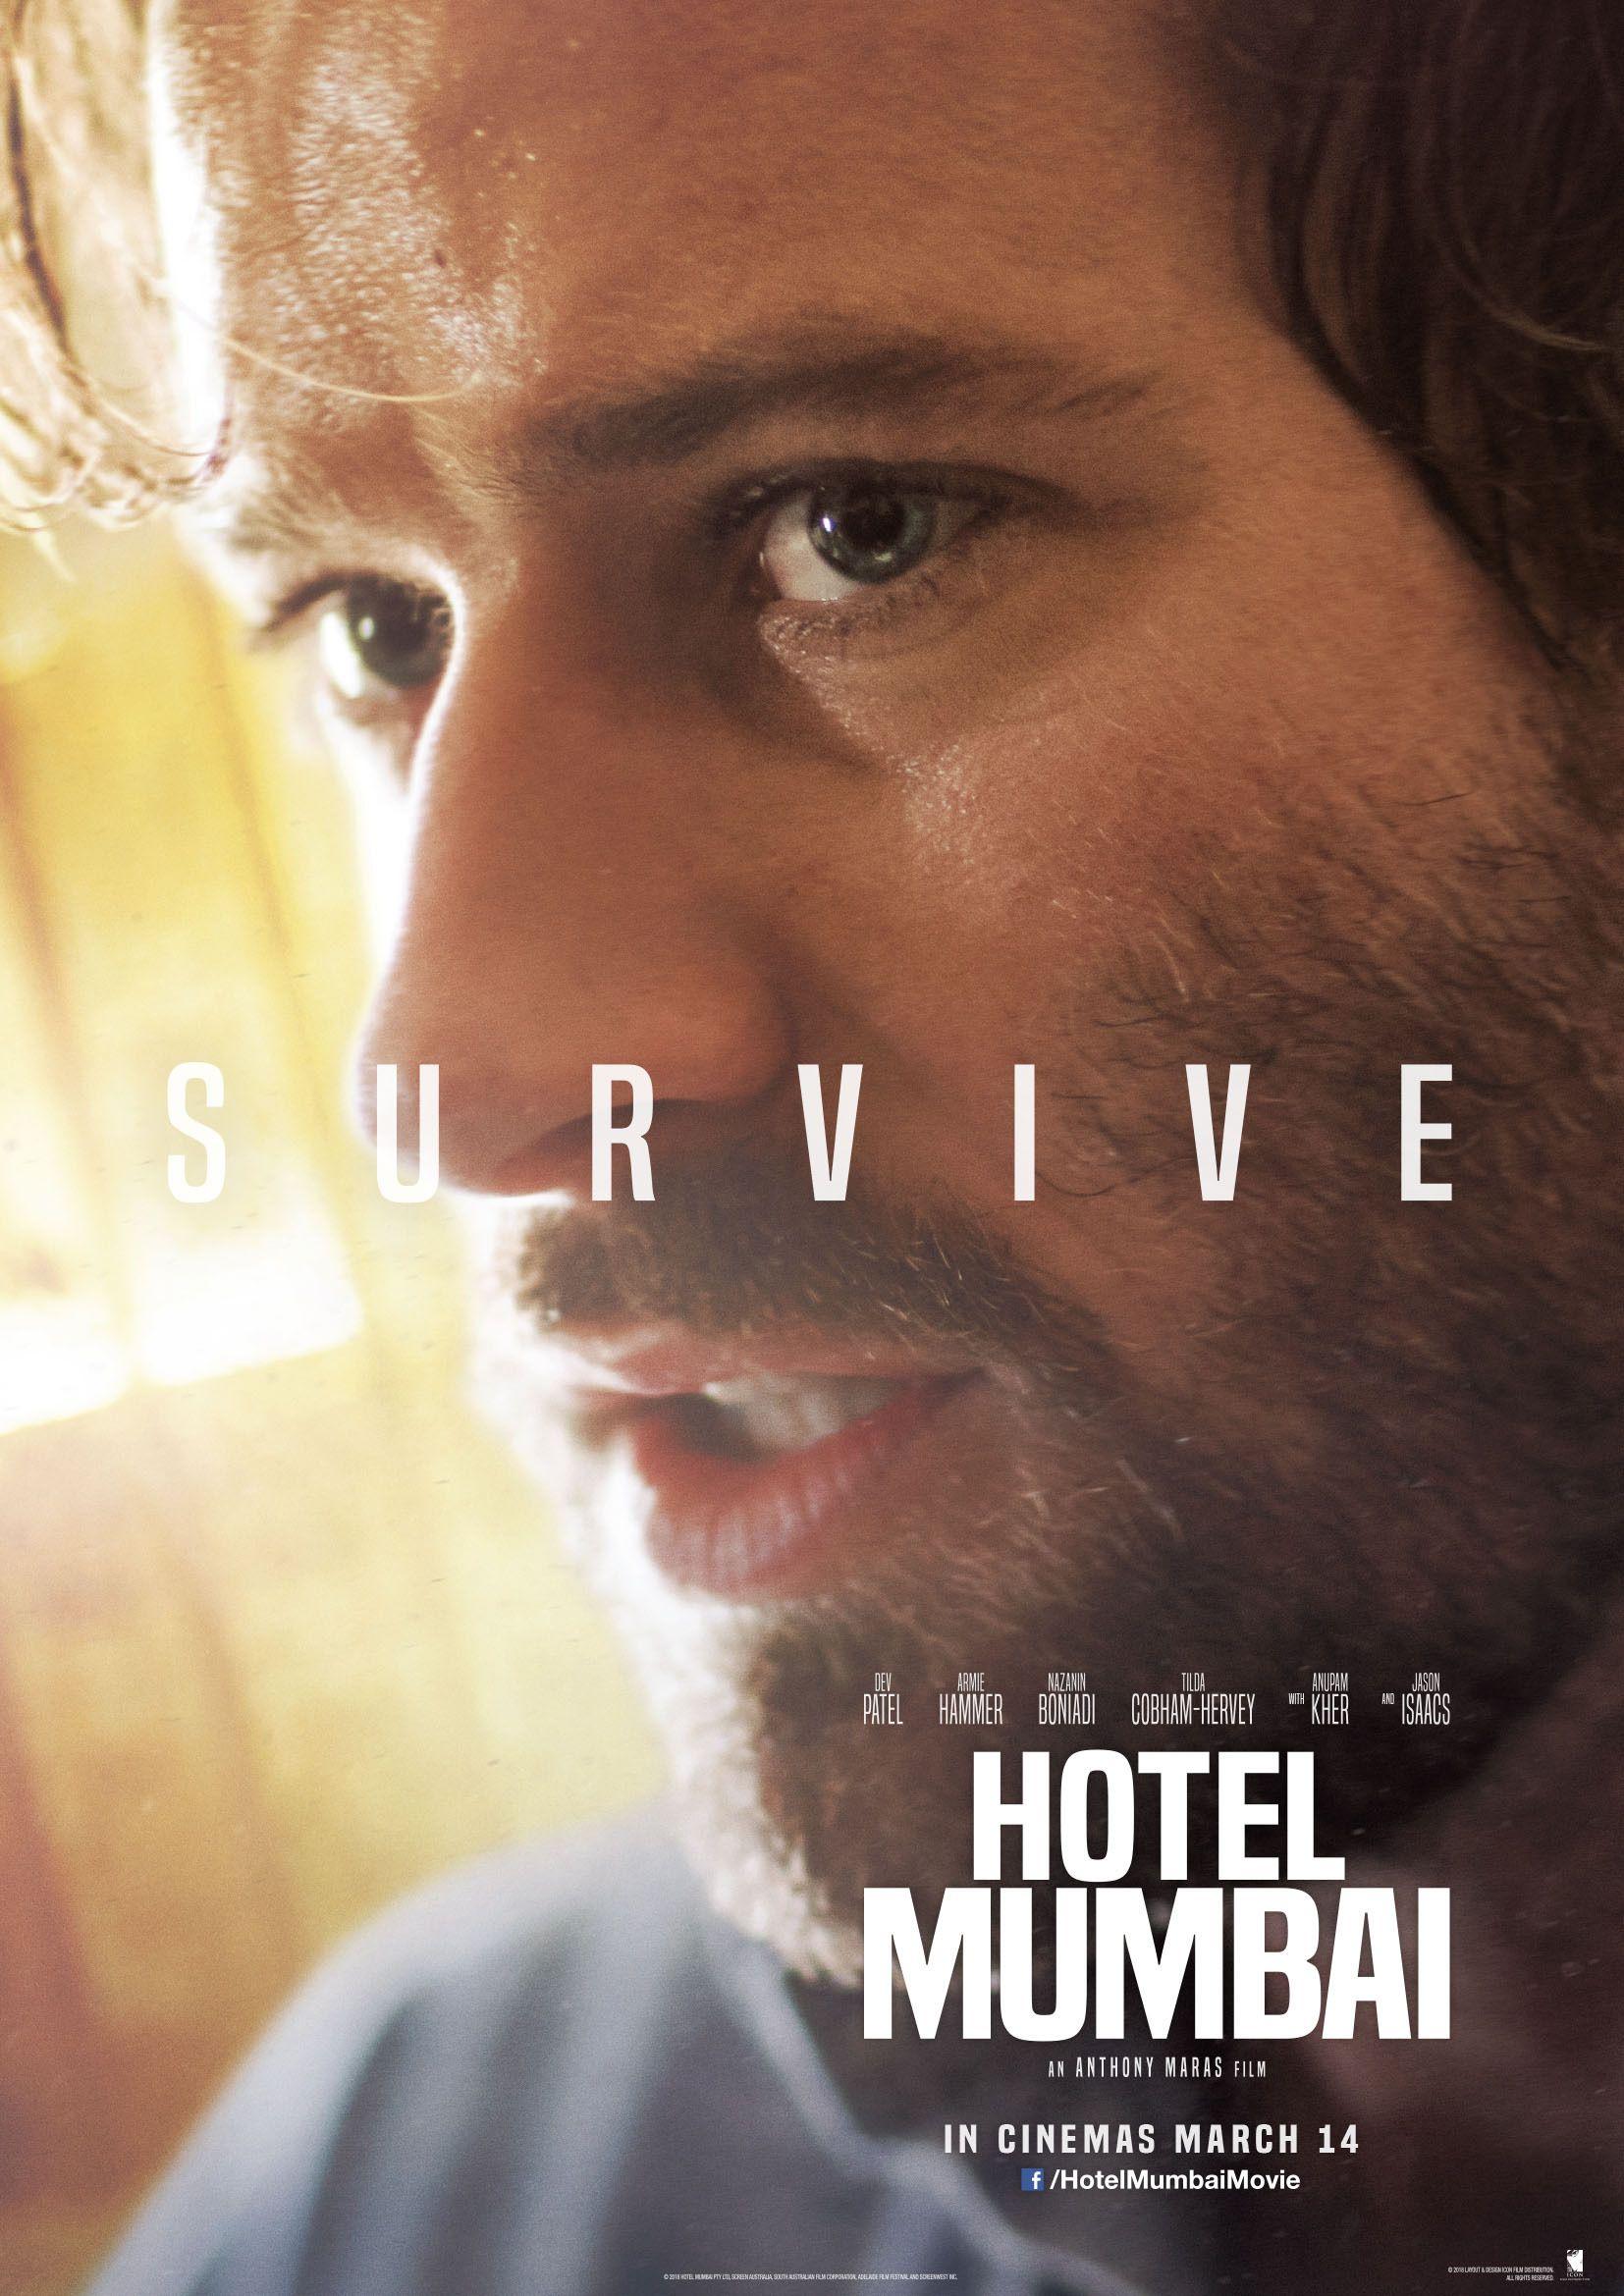 Hotel Mumbai 2018 Free Movies Online Full Movies Full Movies